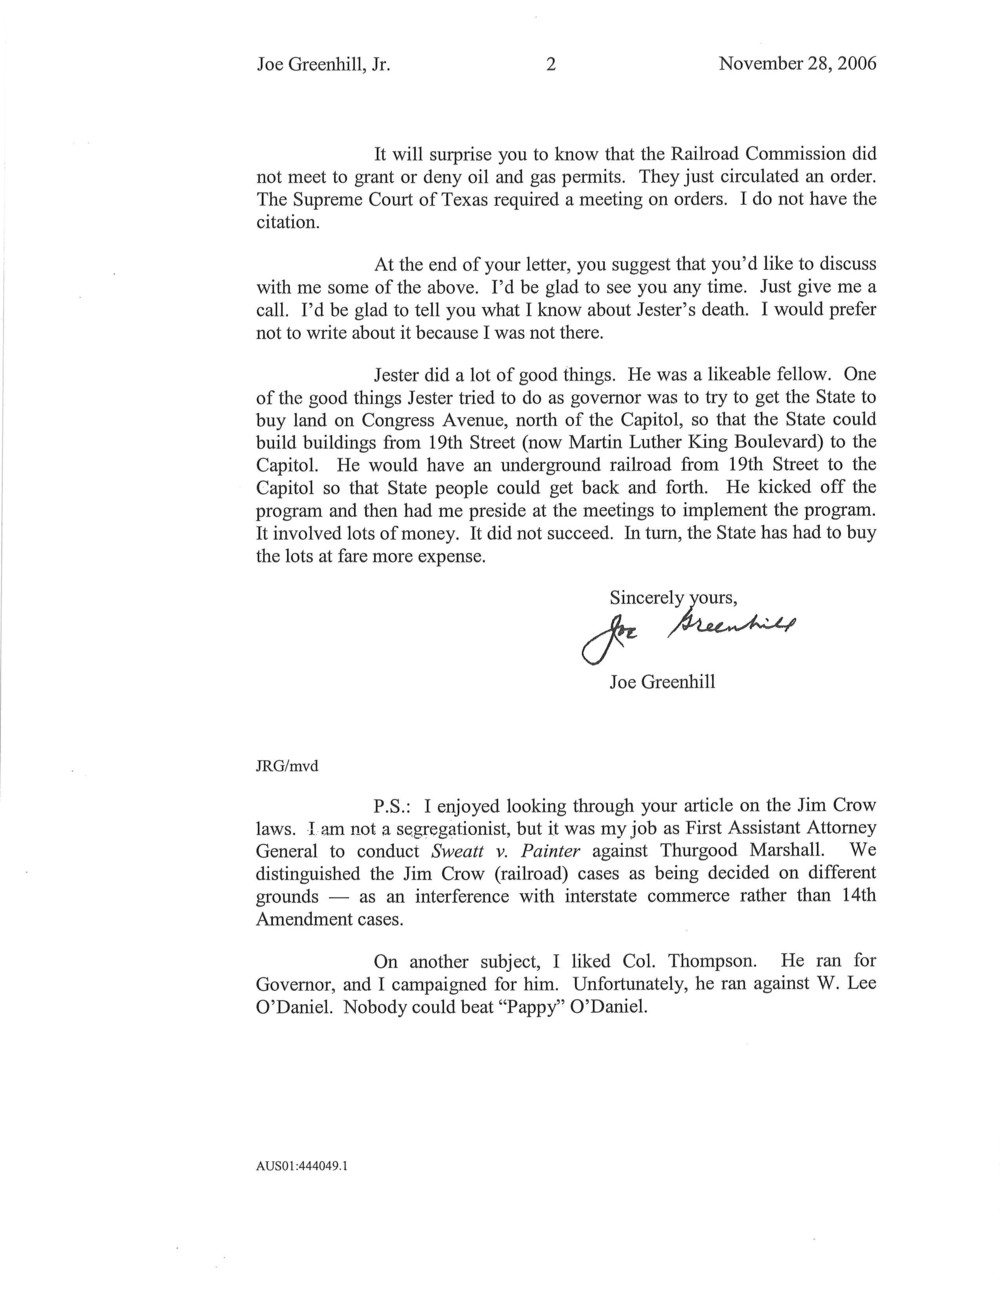 2006 - Letter 1.jpg